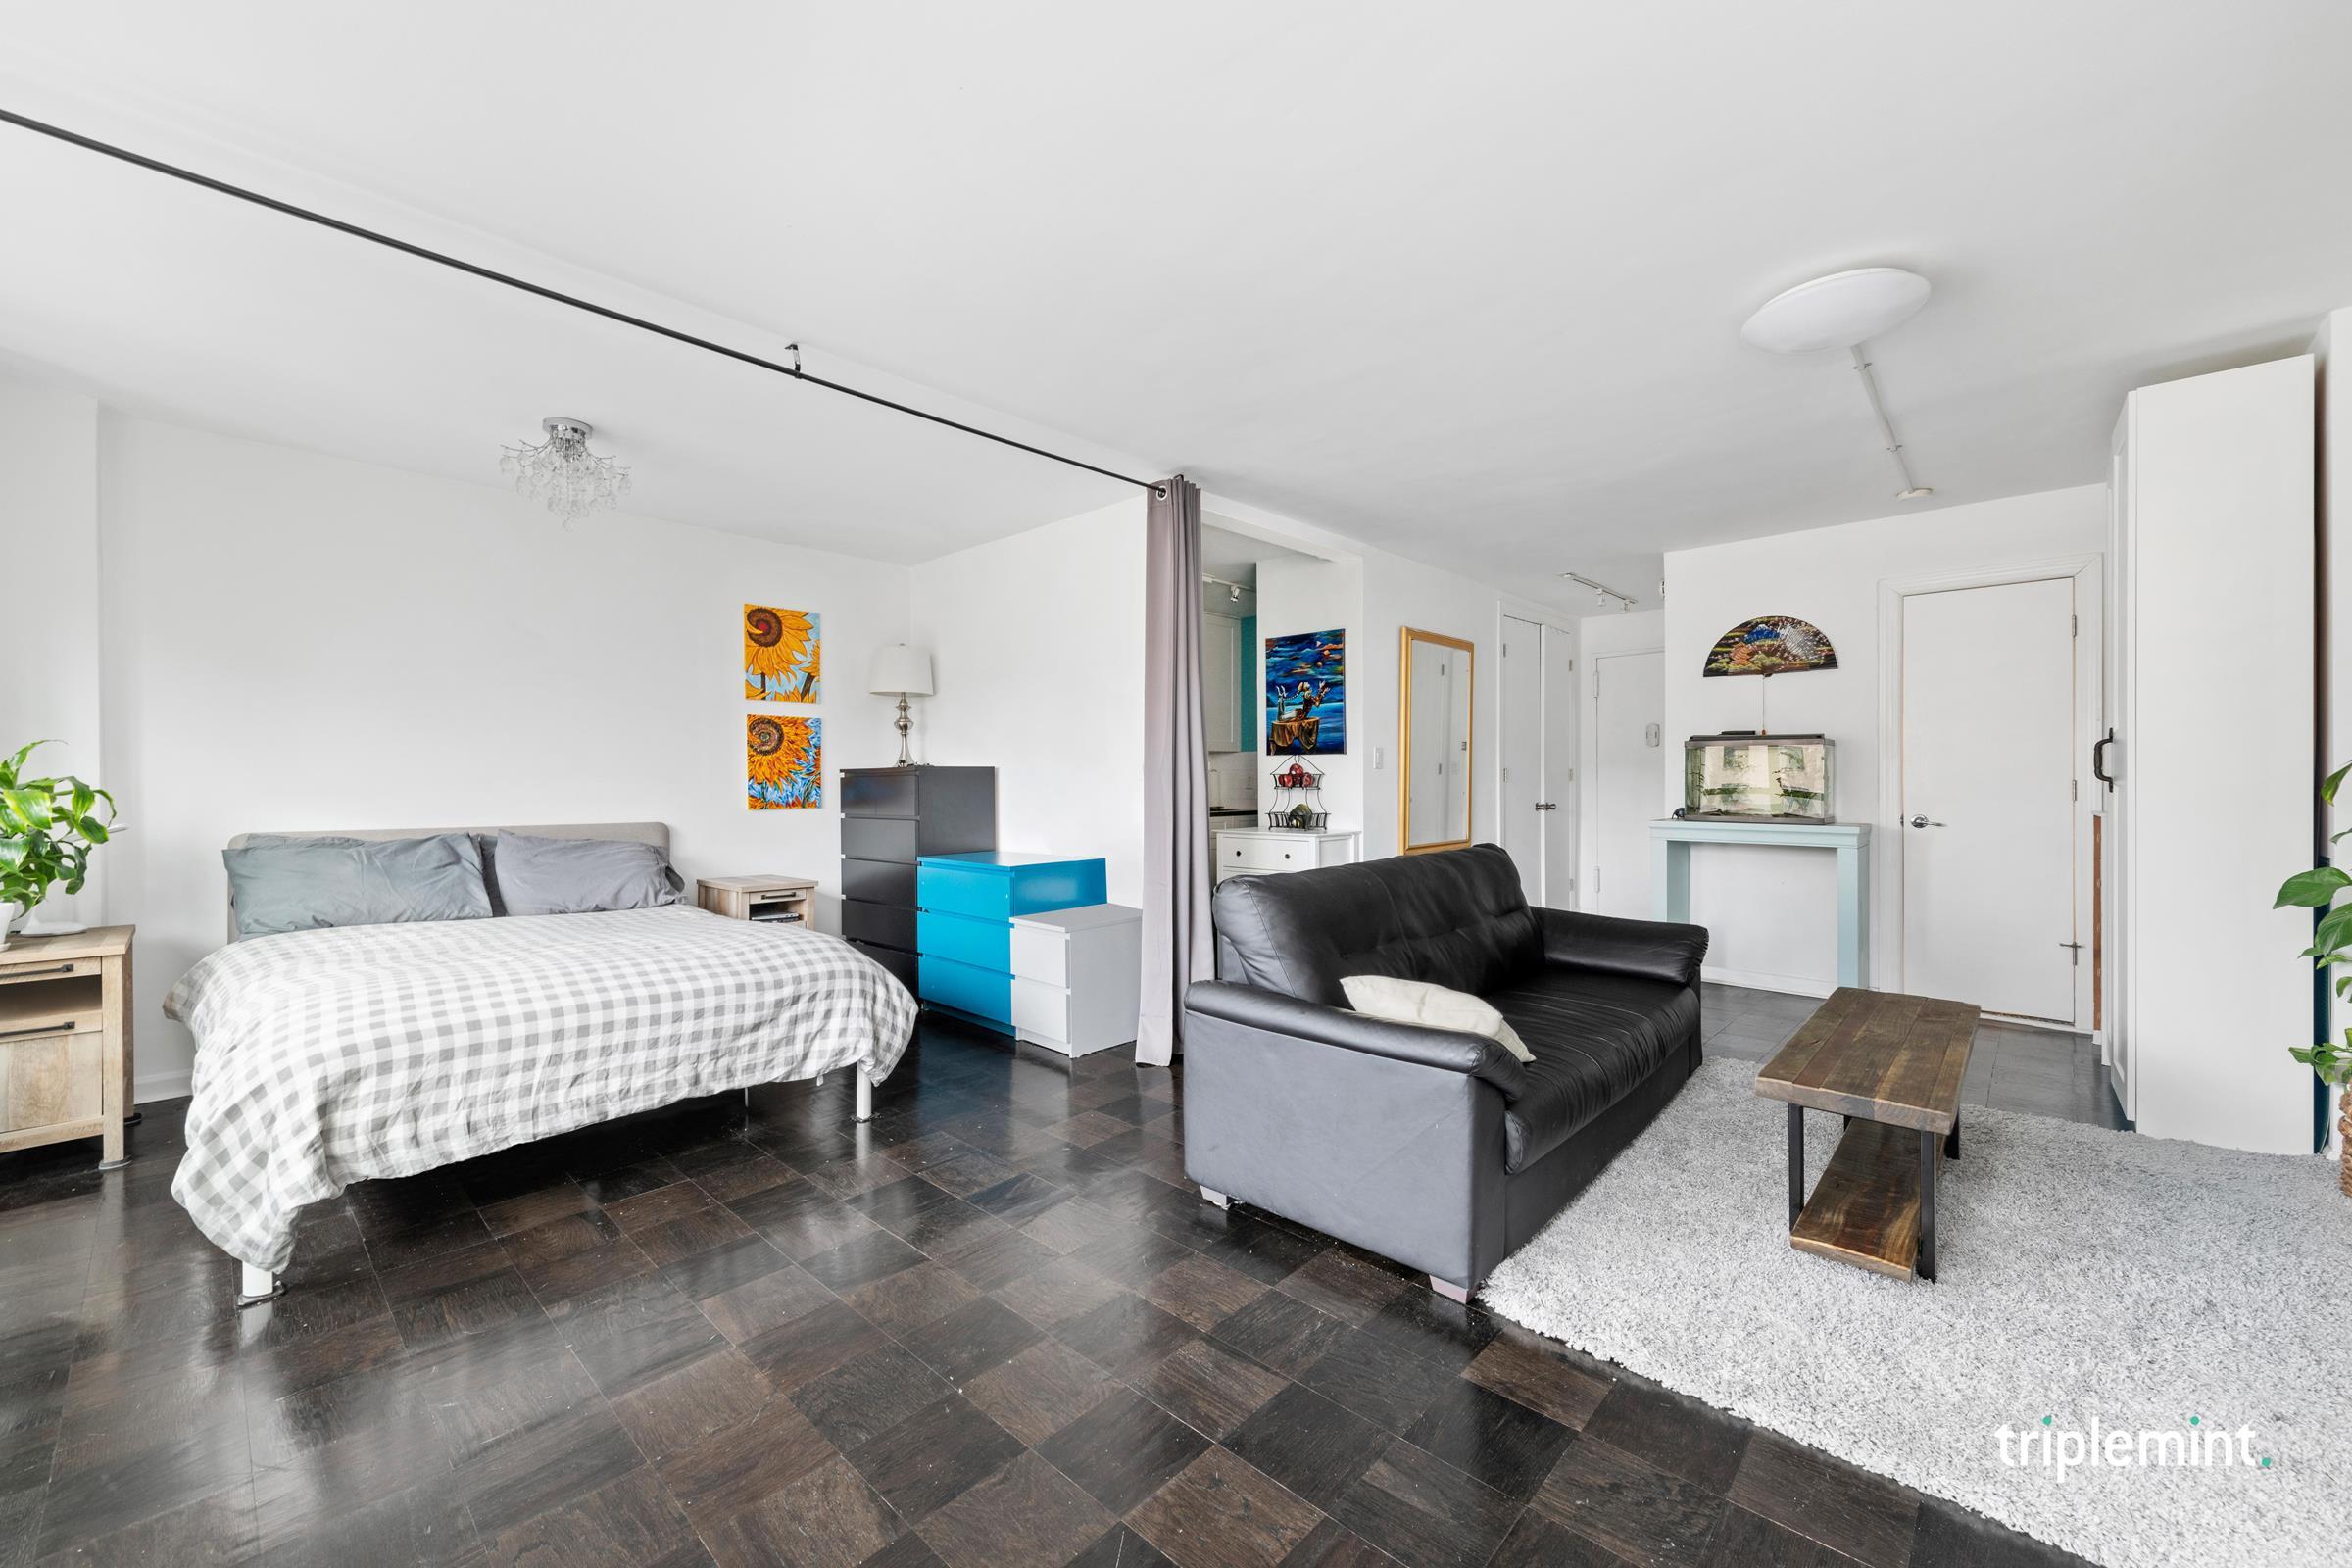 Apartment for sale at 170 West End Avenue, Apt 22-L